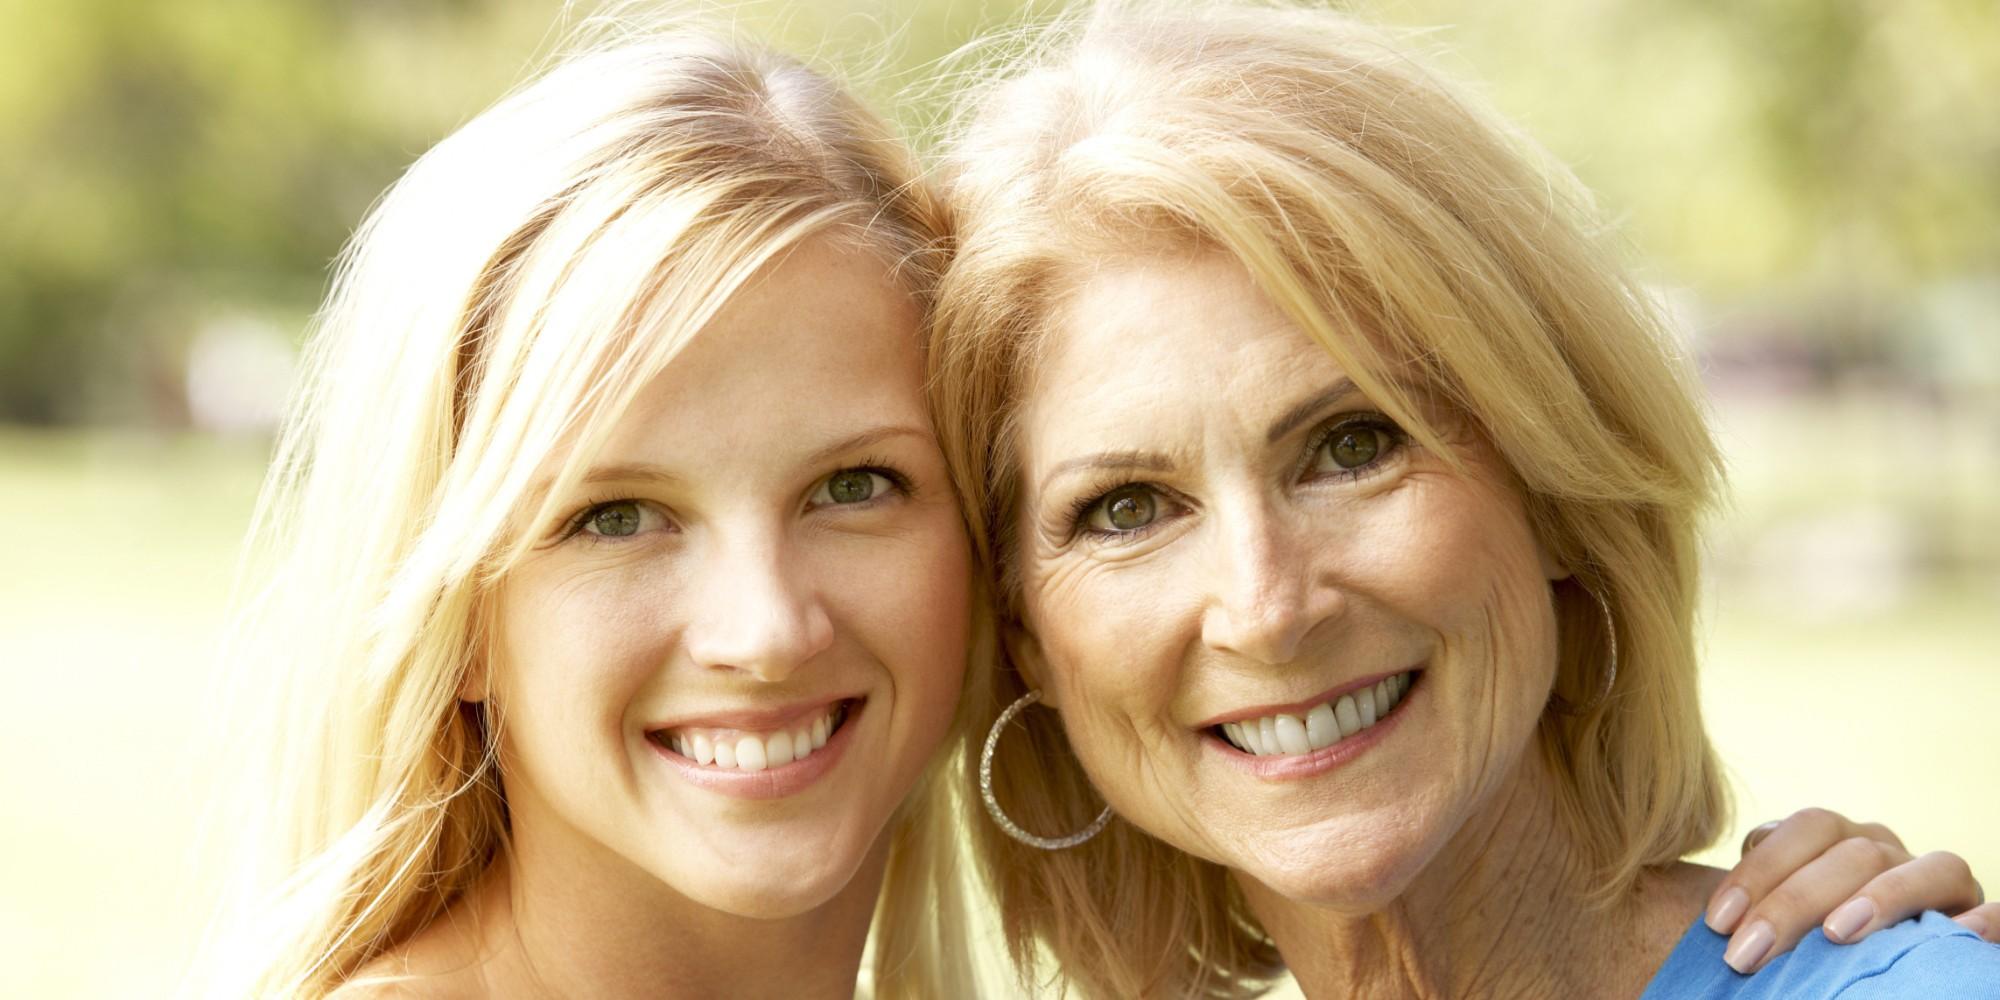 Ученые узнали, когда женщины начинают стареть